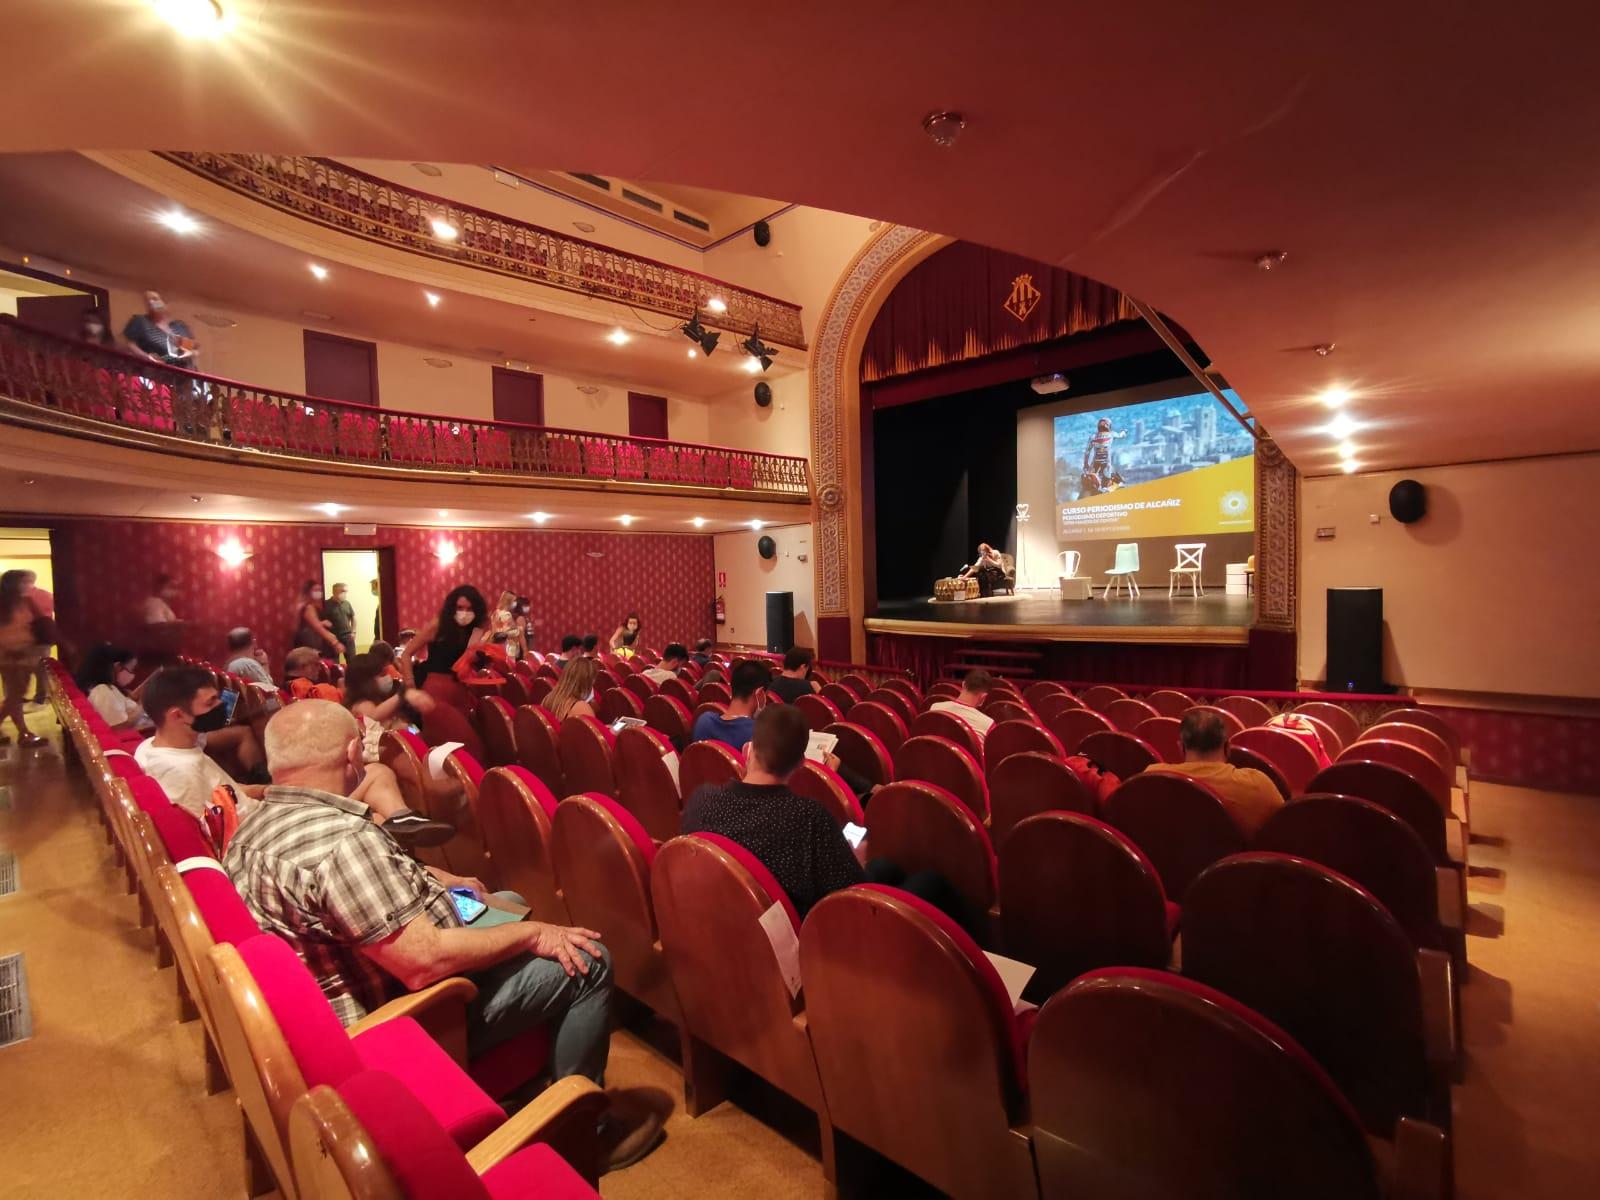 Teatro Municipal de Alcañiz